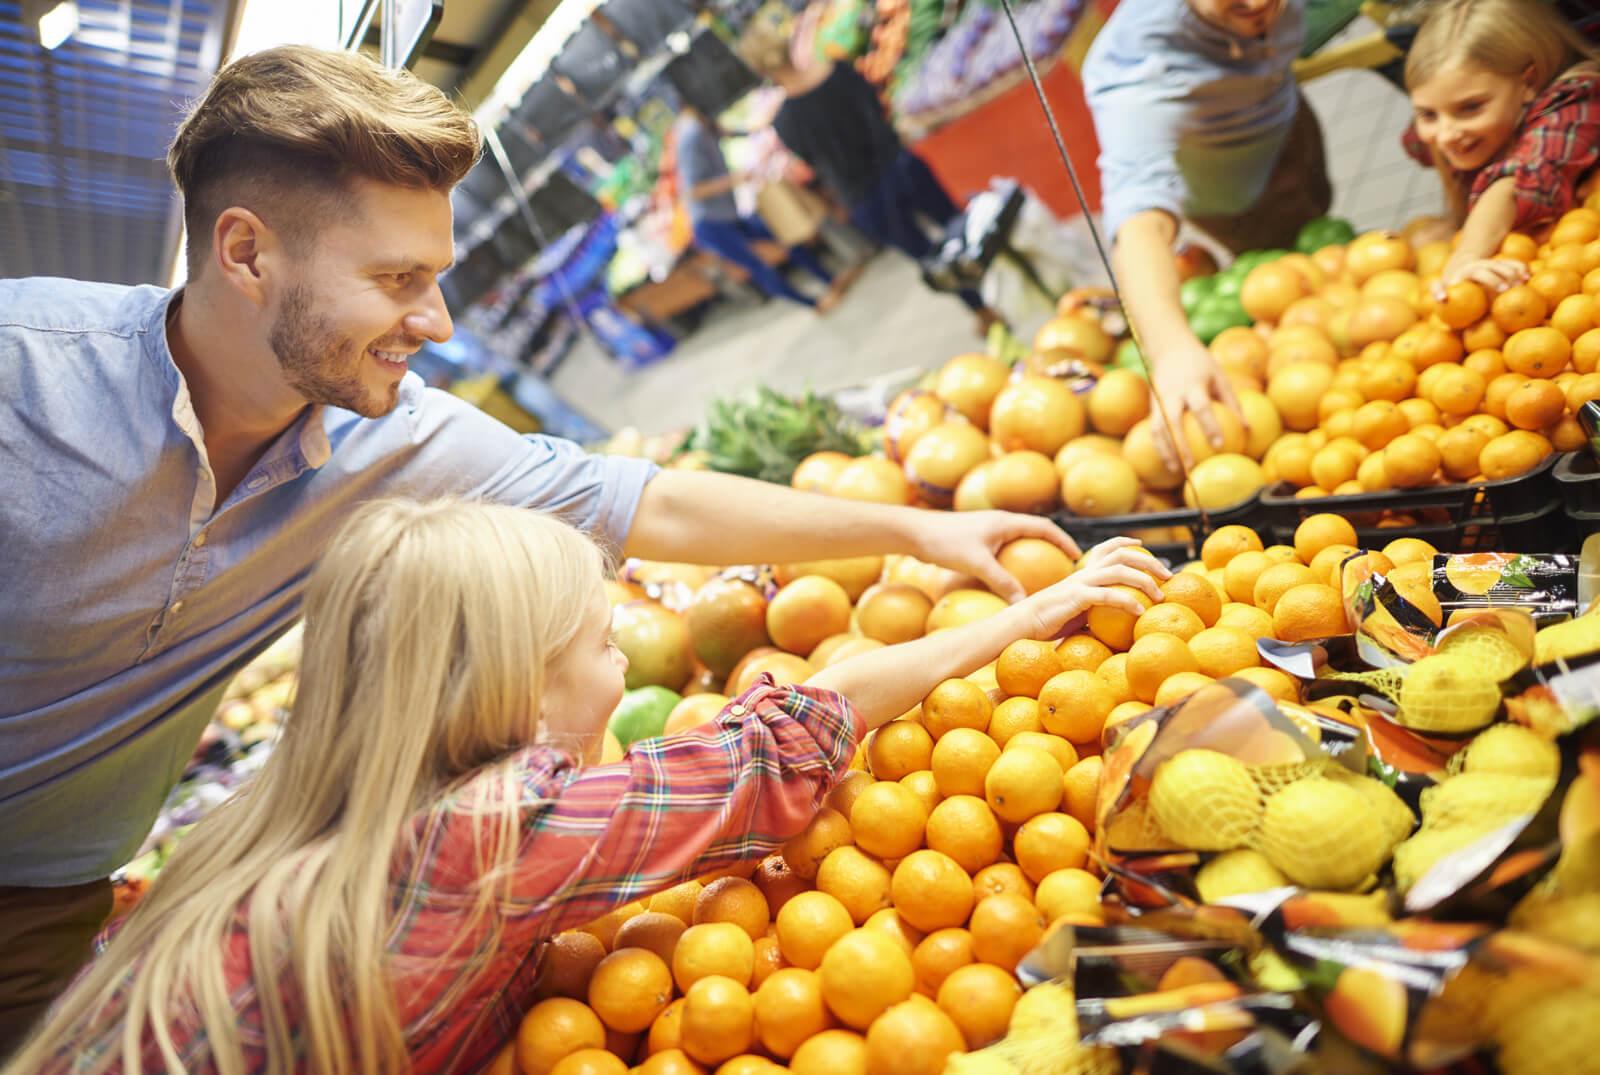 Zdravo prehranjevanje se prične z nakupom